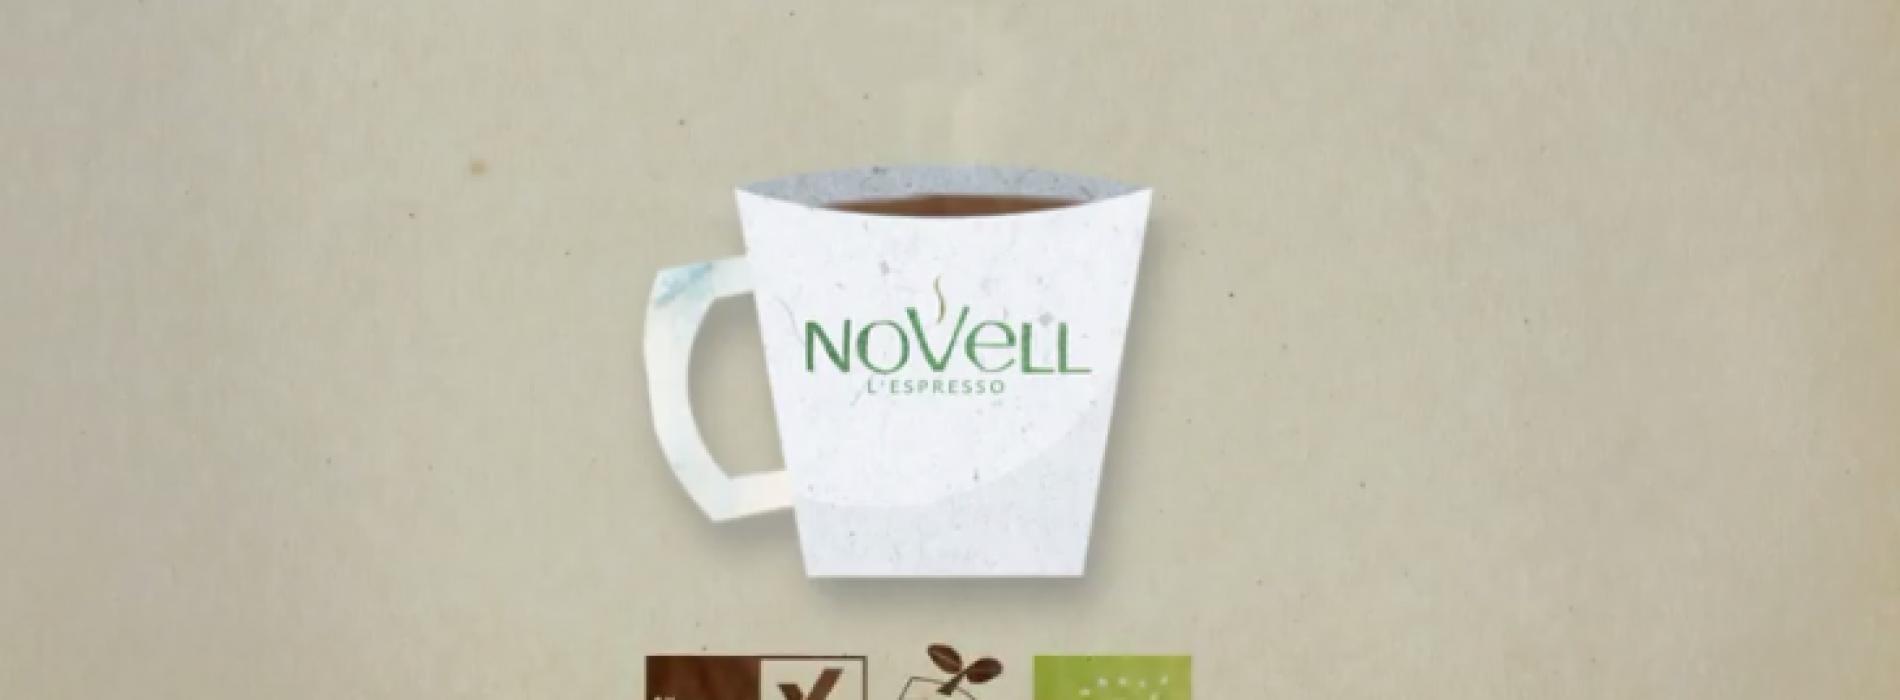 Cafès Novell aposta per l'economia circular amb l'ecodisseny